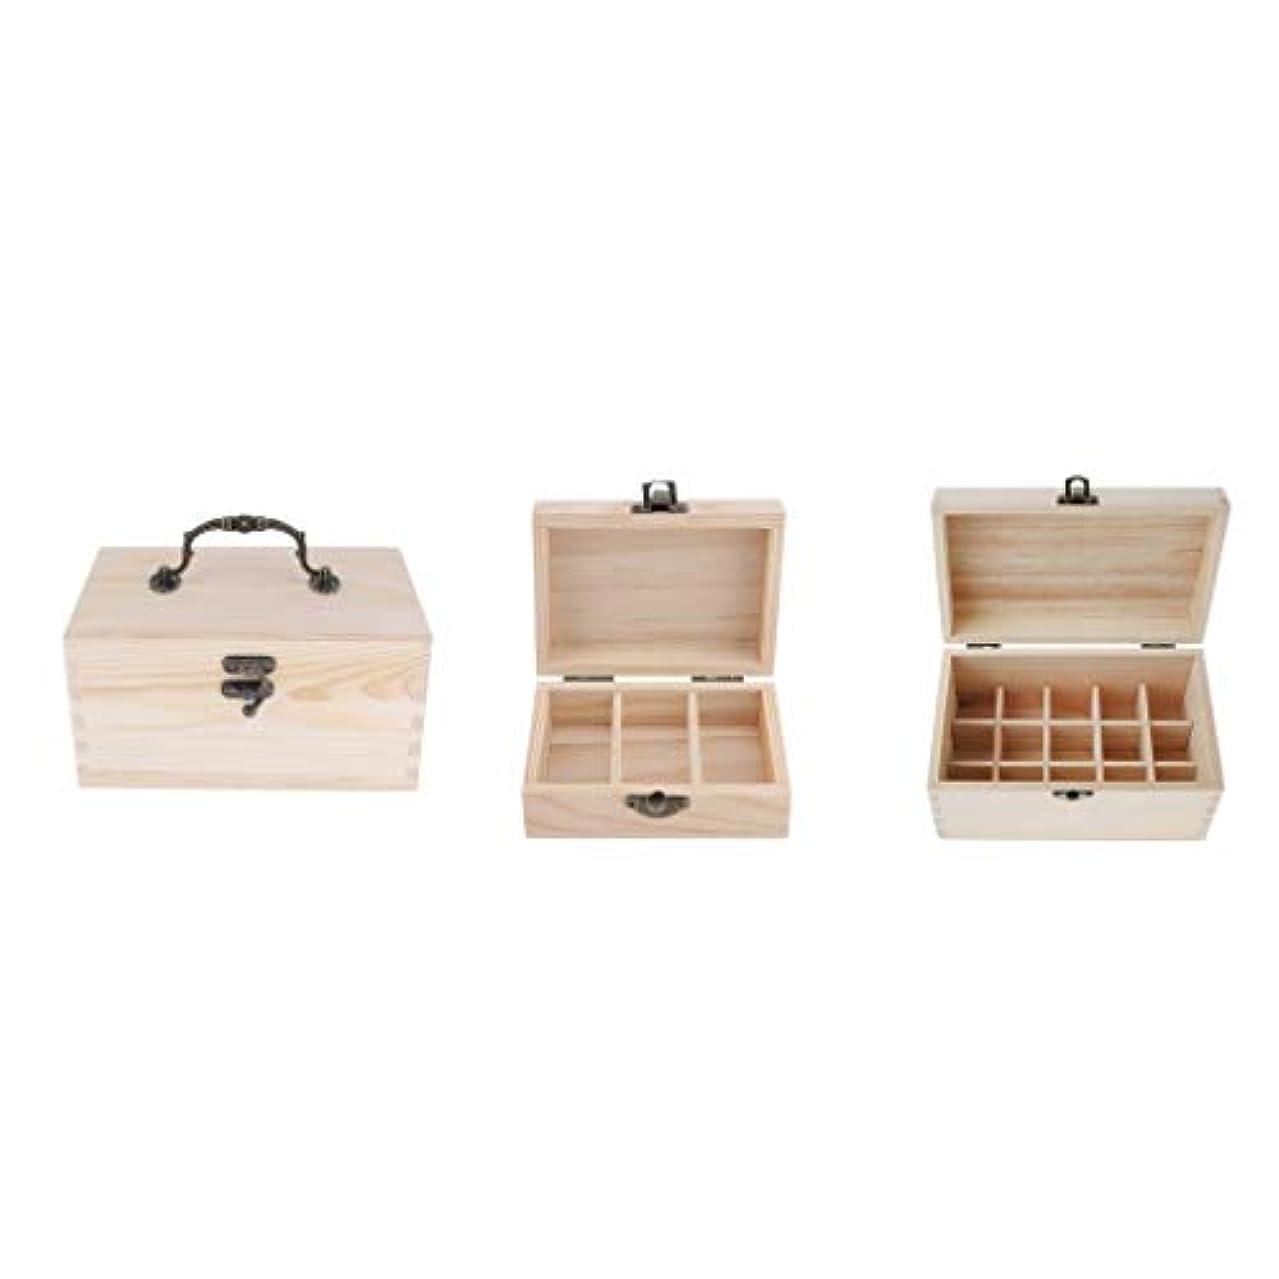 トレーダー野球呼ぶHellery 3個入 精油収納ケース 木製 エッセンシャルオイル 収納ボックス 香水収納ケース アロマオイル収納ボックス